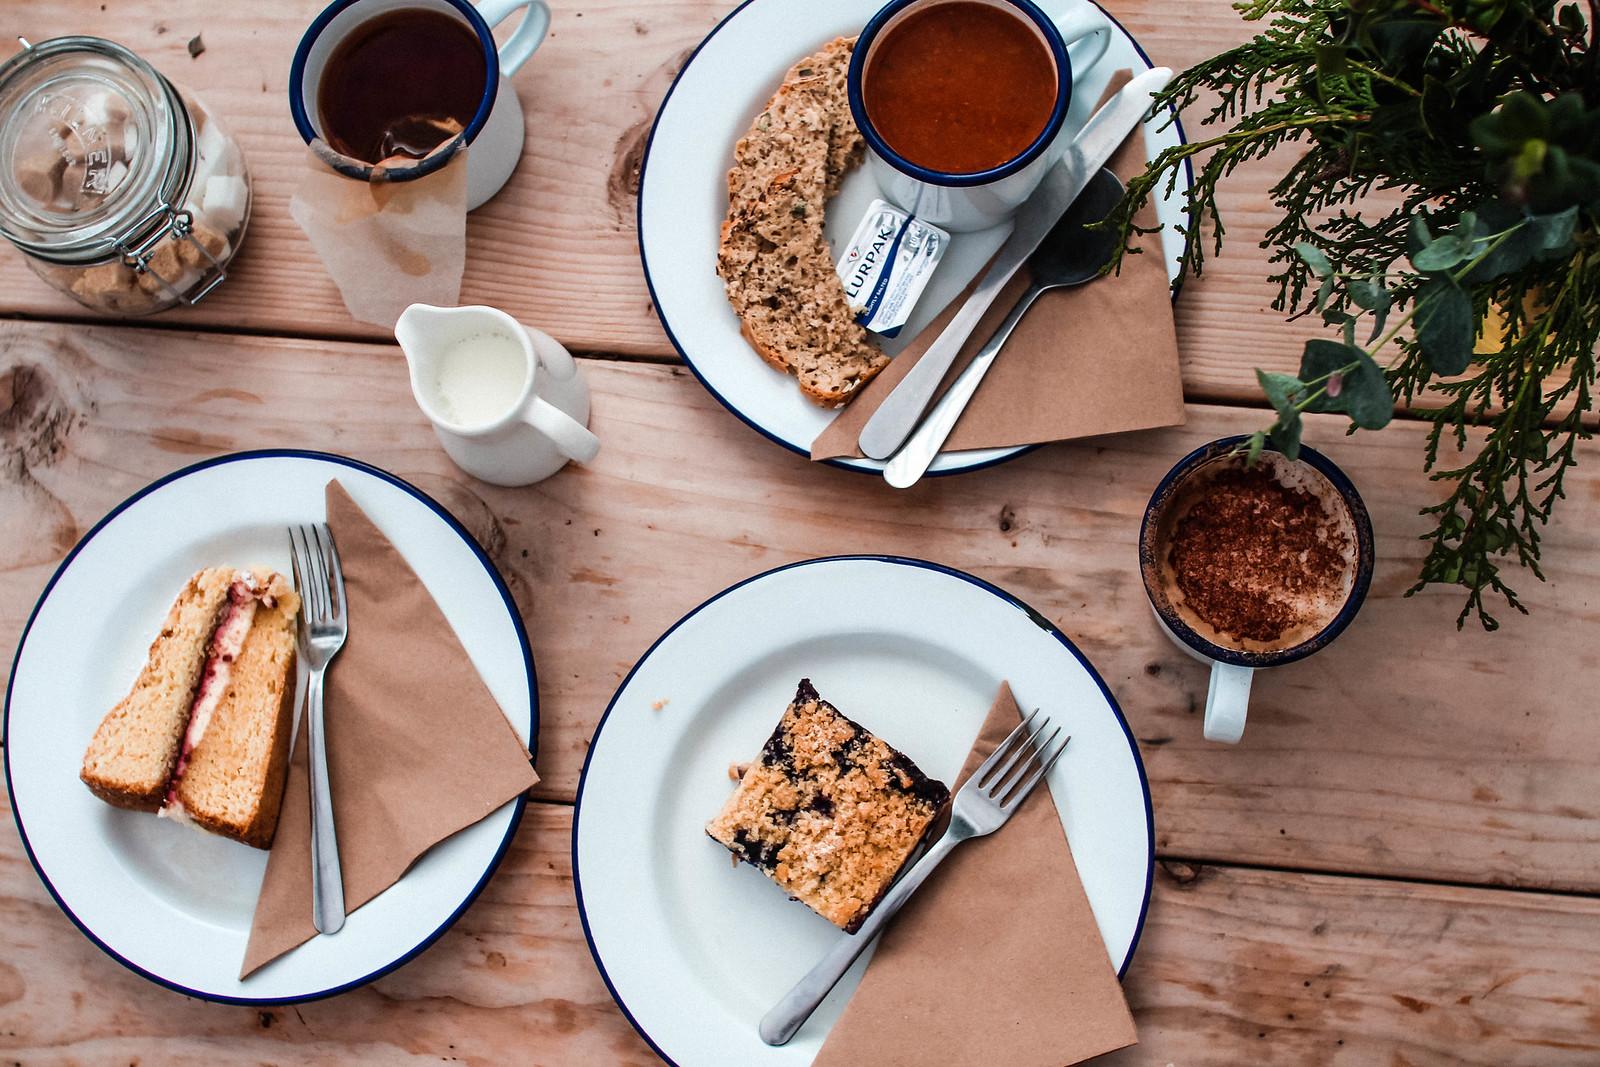 Edinburgh Secret Herb Garden Review Lifestyle blogger travel UK The Little Things IMG_7704